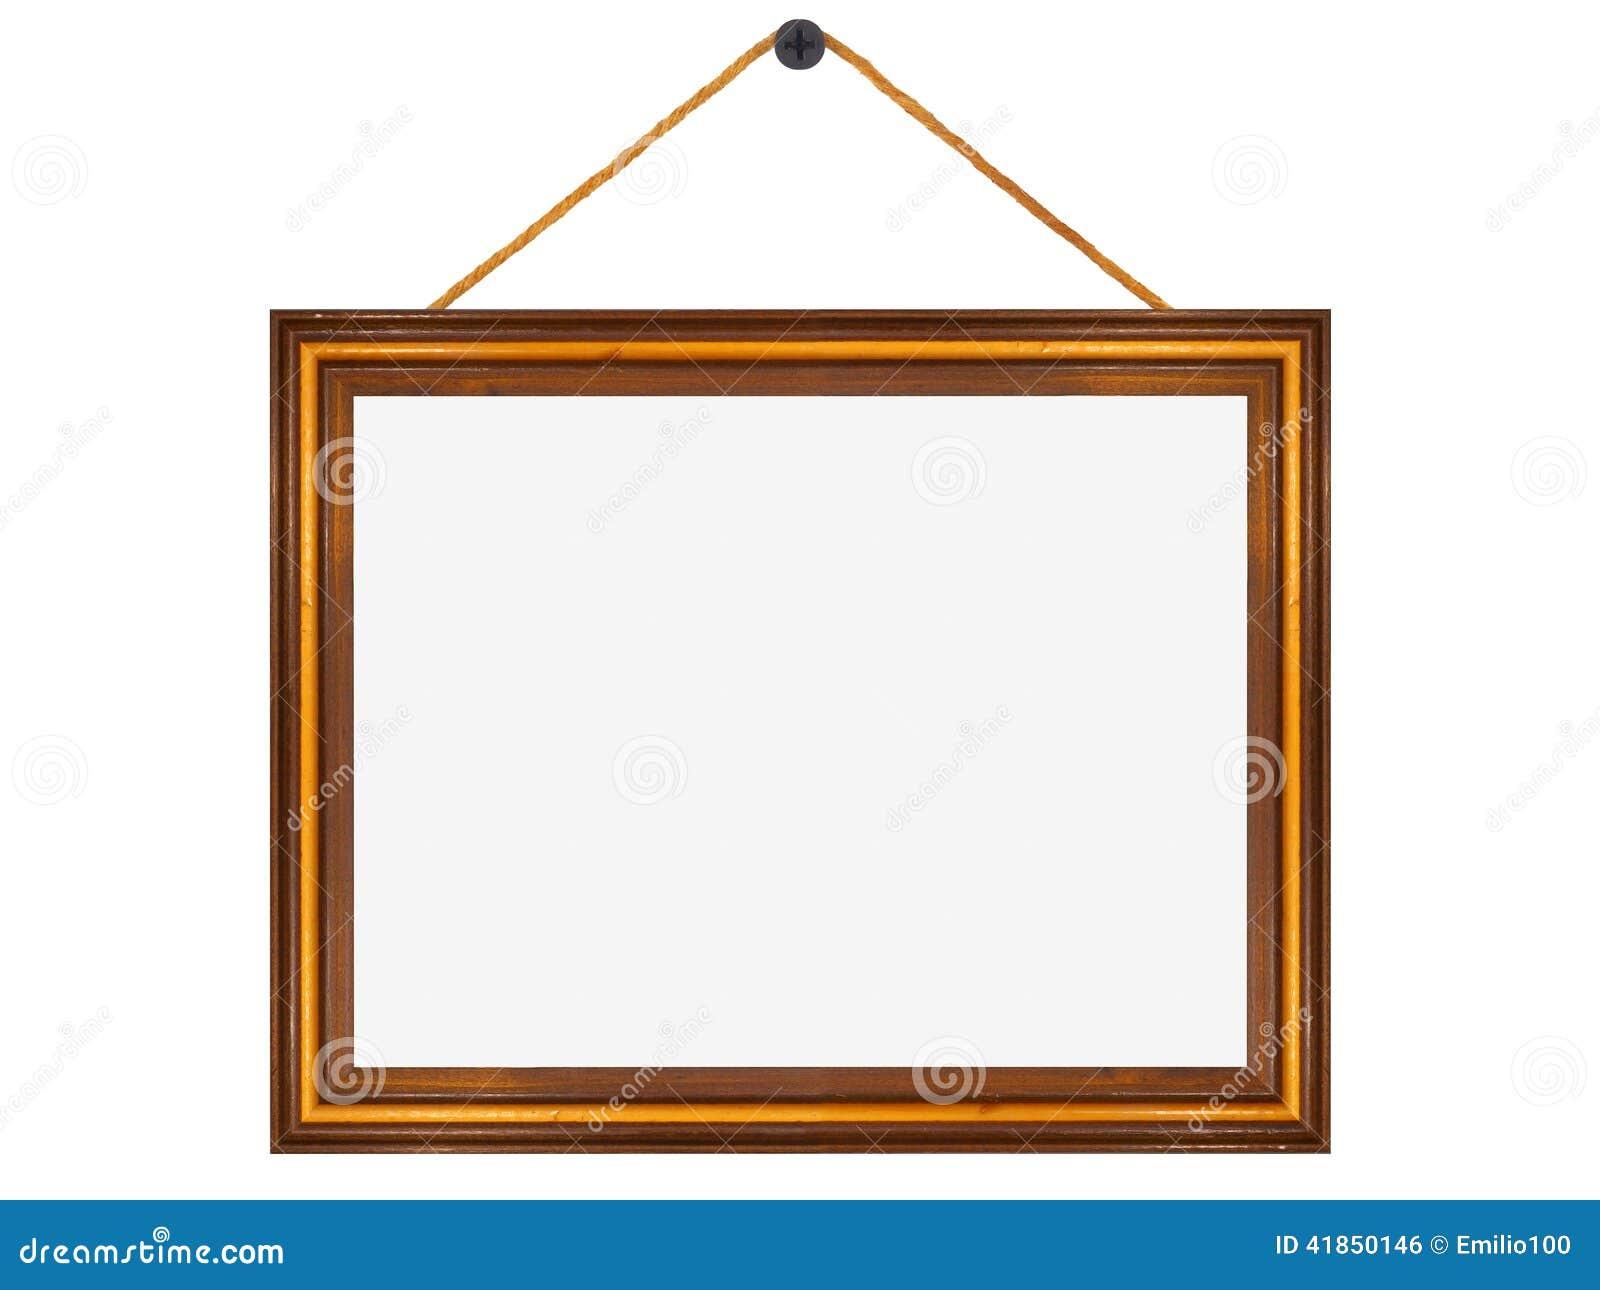 Marco de madera colgado de un clavo foto de archivo - Marcos de fotos para colgar ...